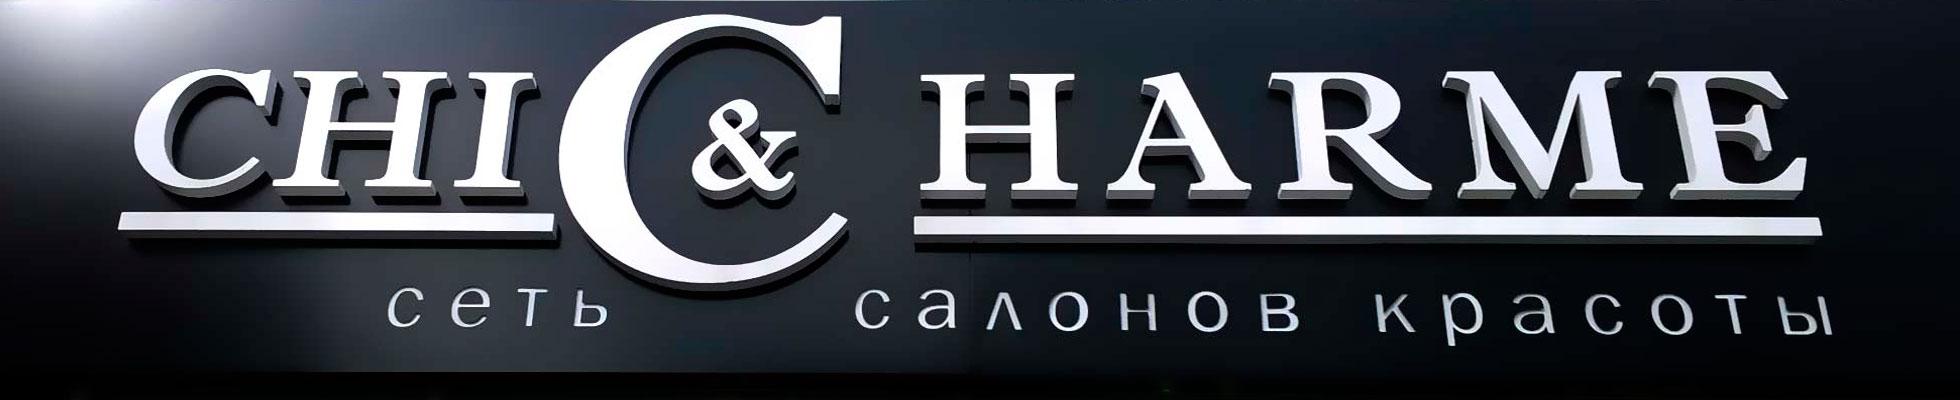 chic-banner1